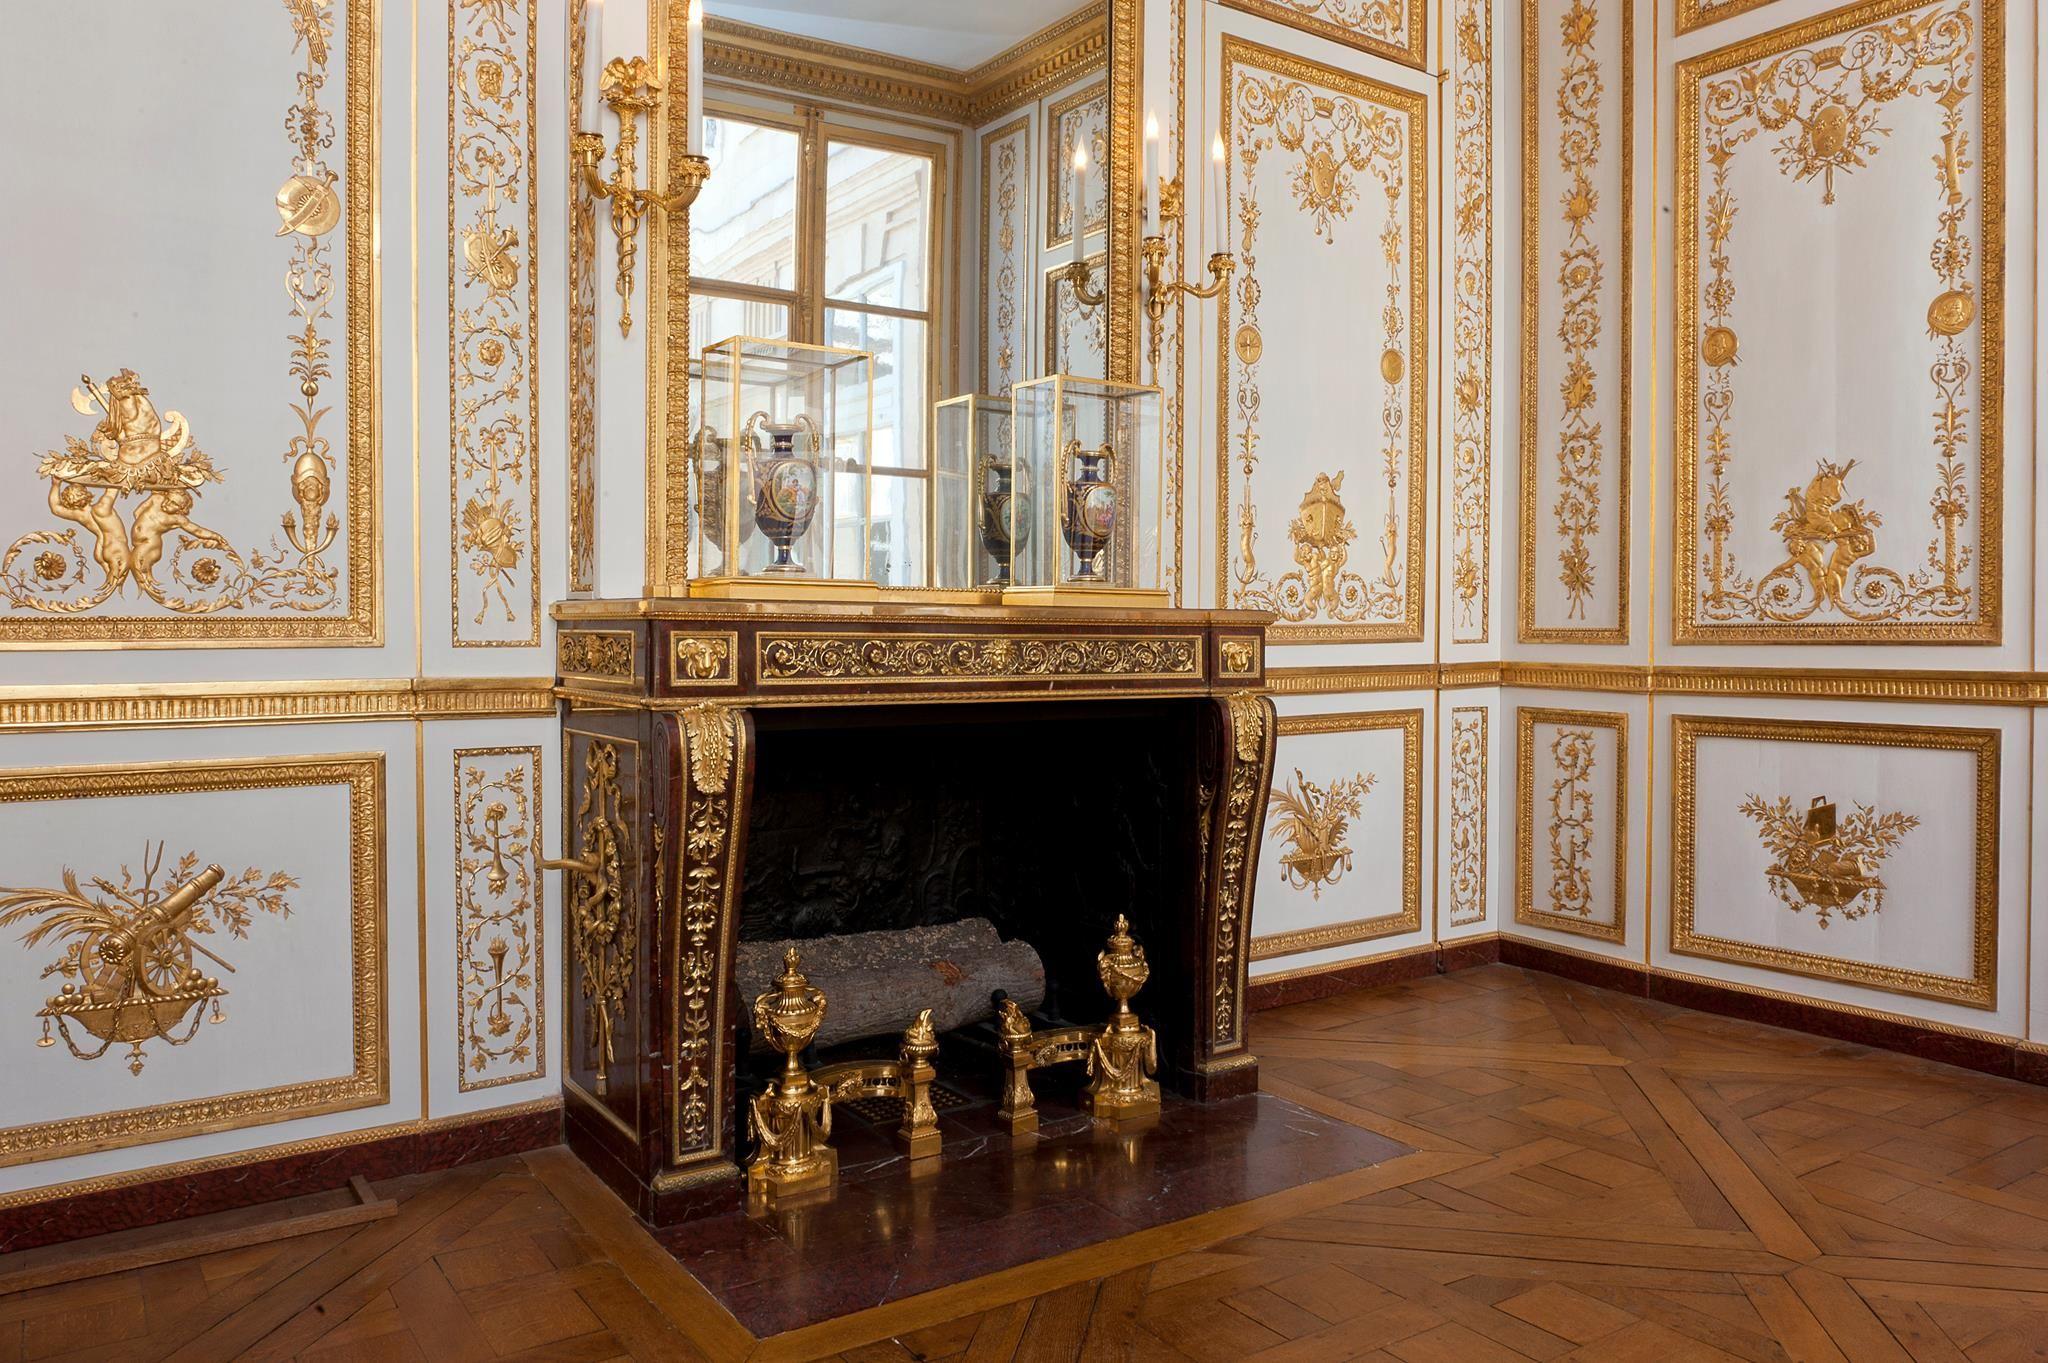 Appartement intérieur du Roi à Versailles - Page 3 4957b34b3d1a6926301e6b3f5f81513e